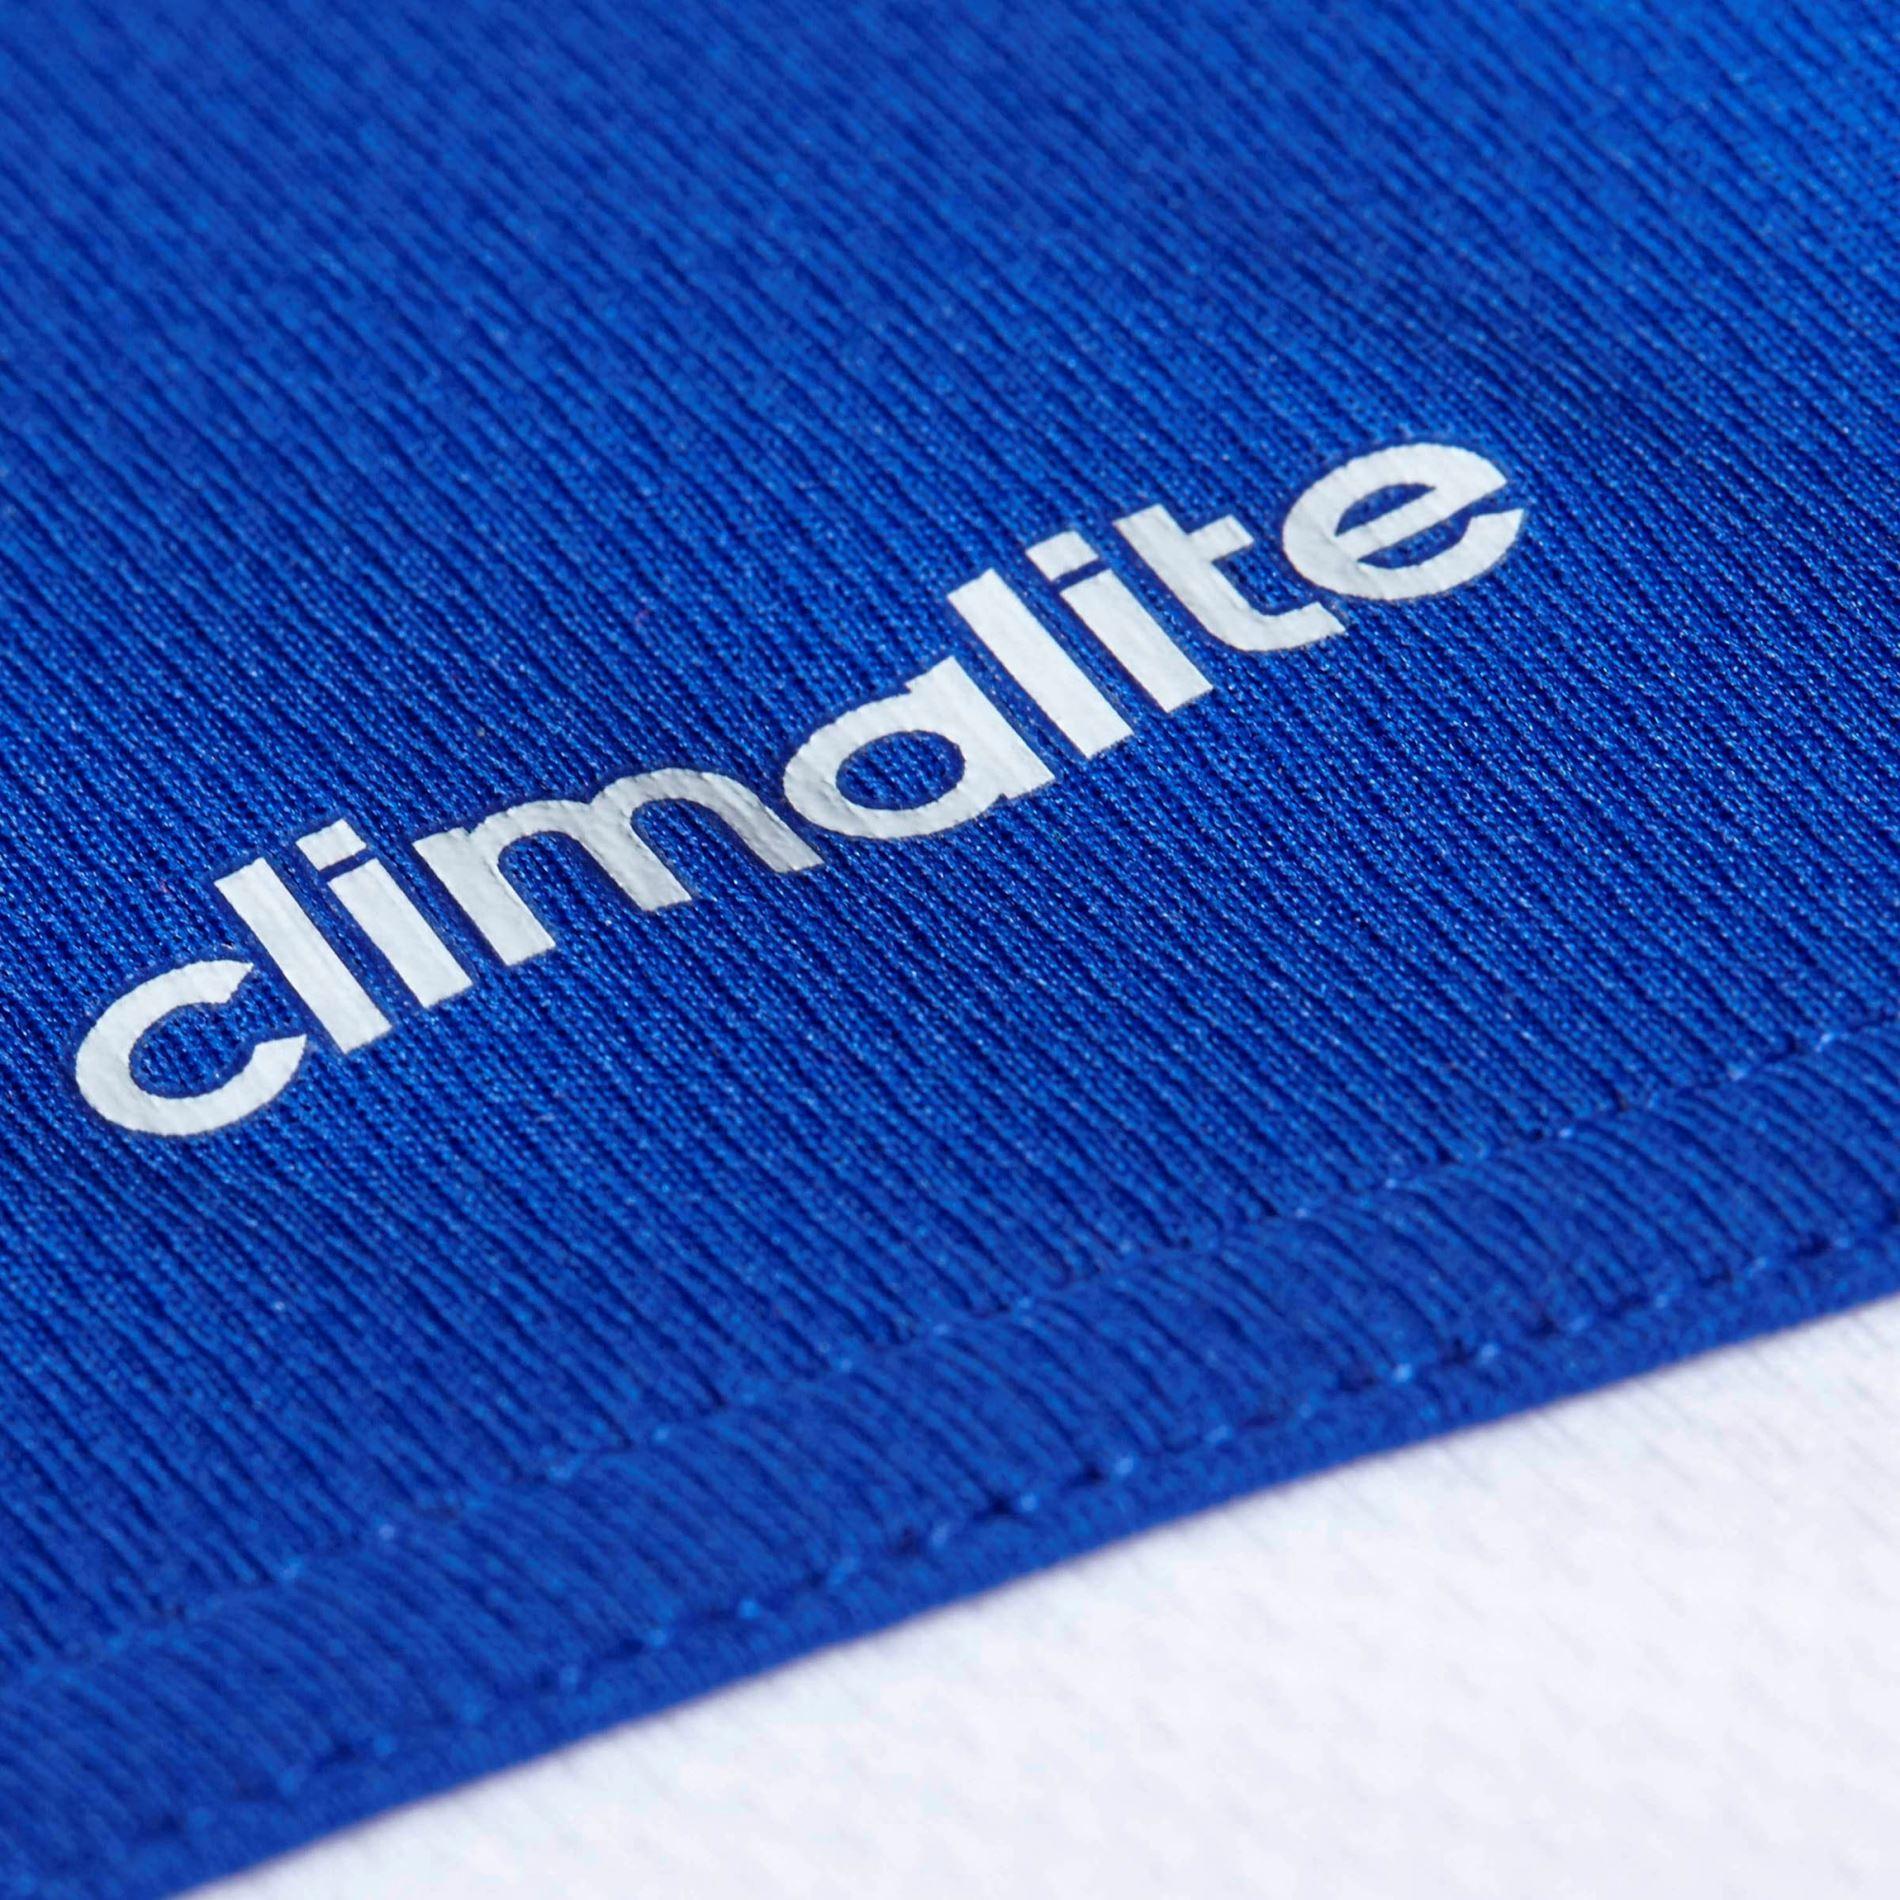 81065d20 Adidas Estro 15 Treningstrøye Byåsen Håndball- Fotballsko.no - Sko fra  Adidas, Nike og Puma. Nor-Contact Sport